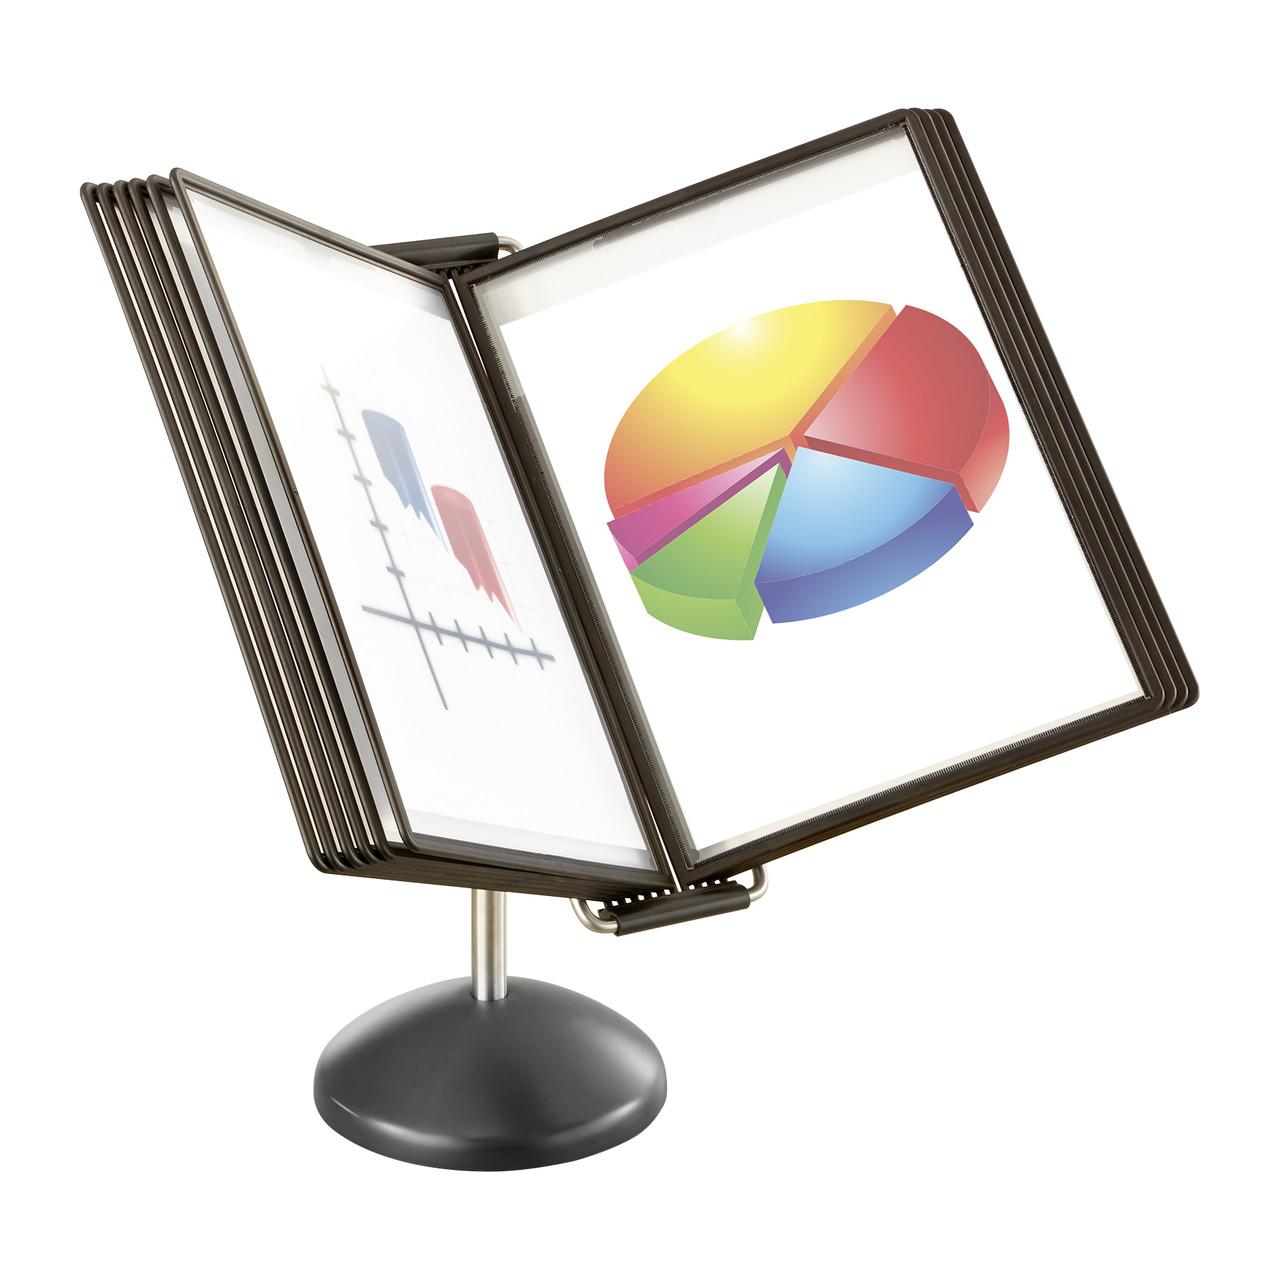 Desktop Reference System